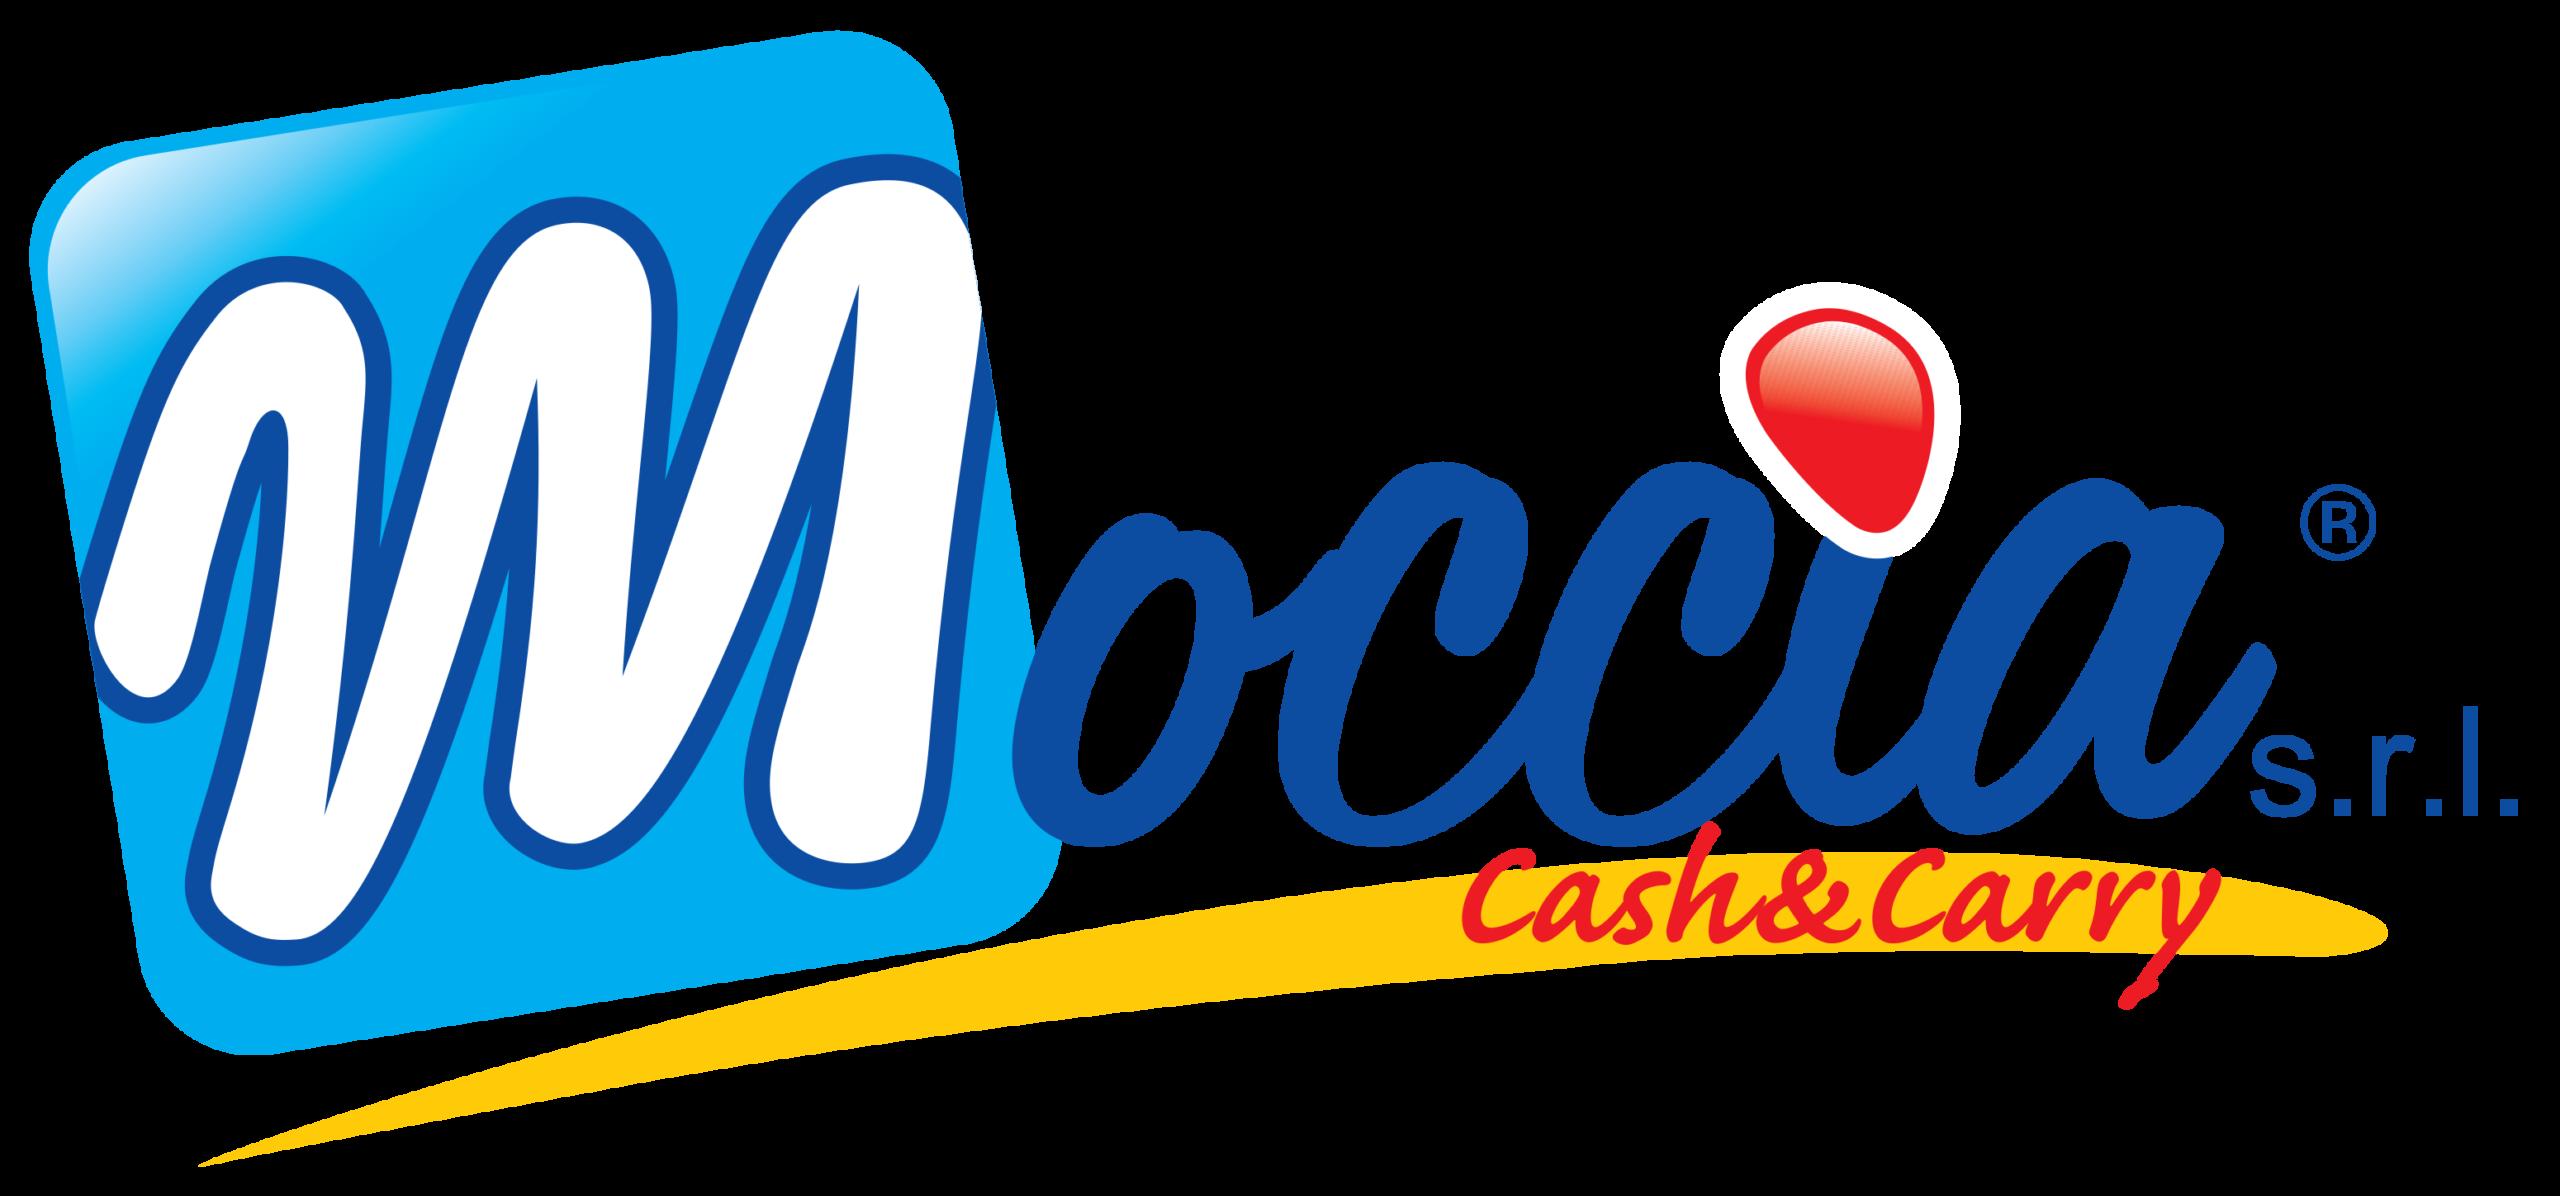 Moccia Cash&Carry Frattamaggiore